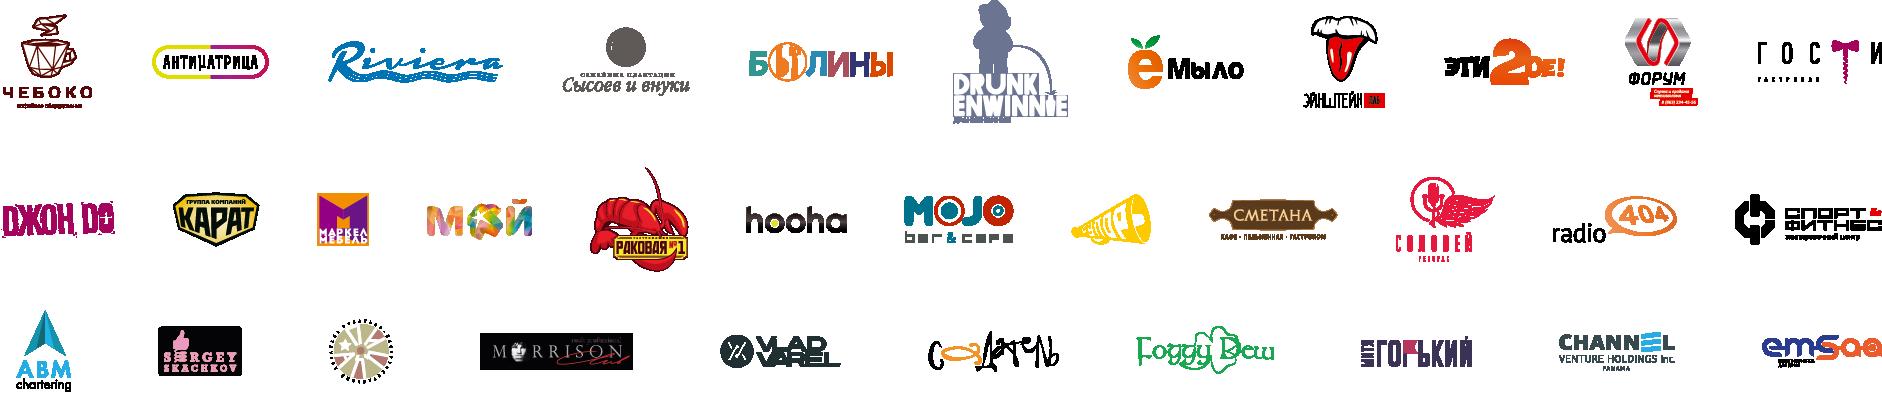 Logoblock1